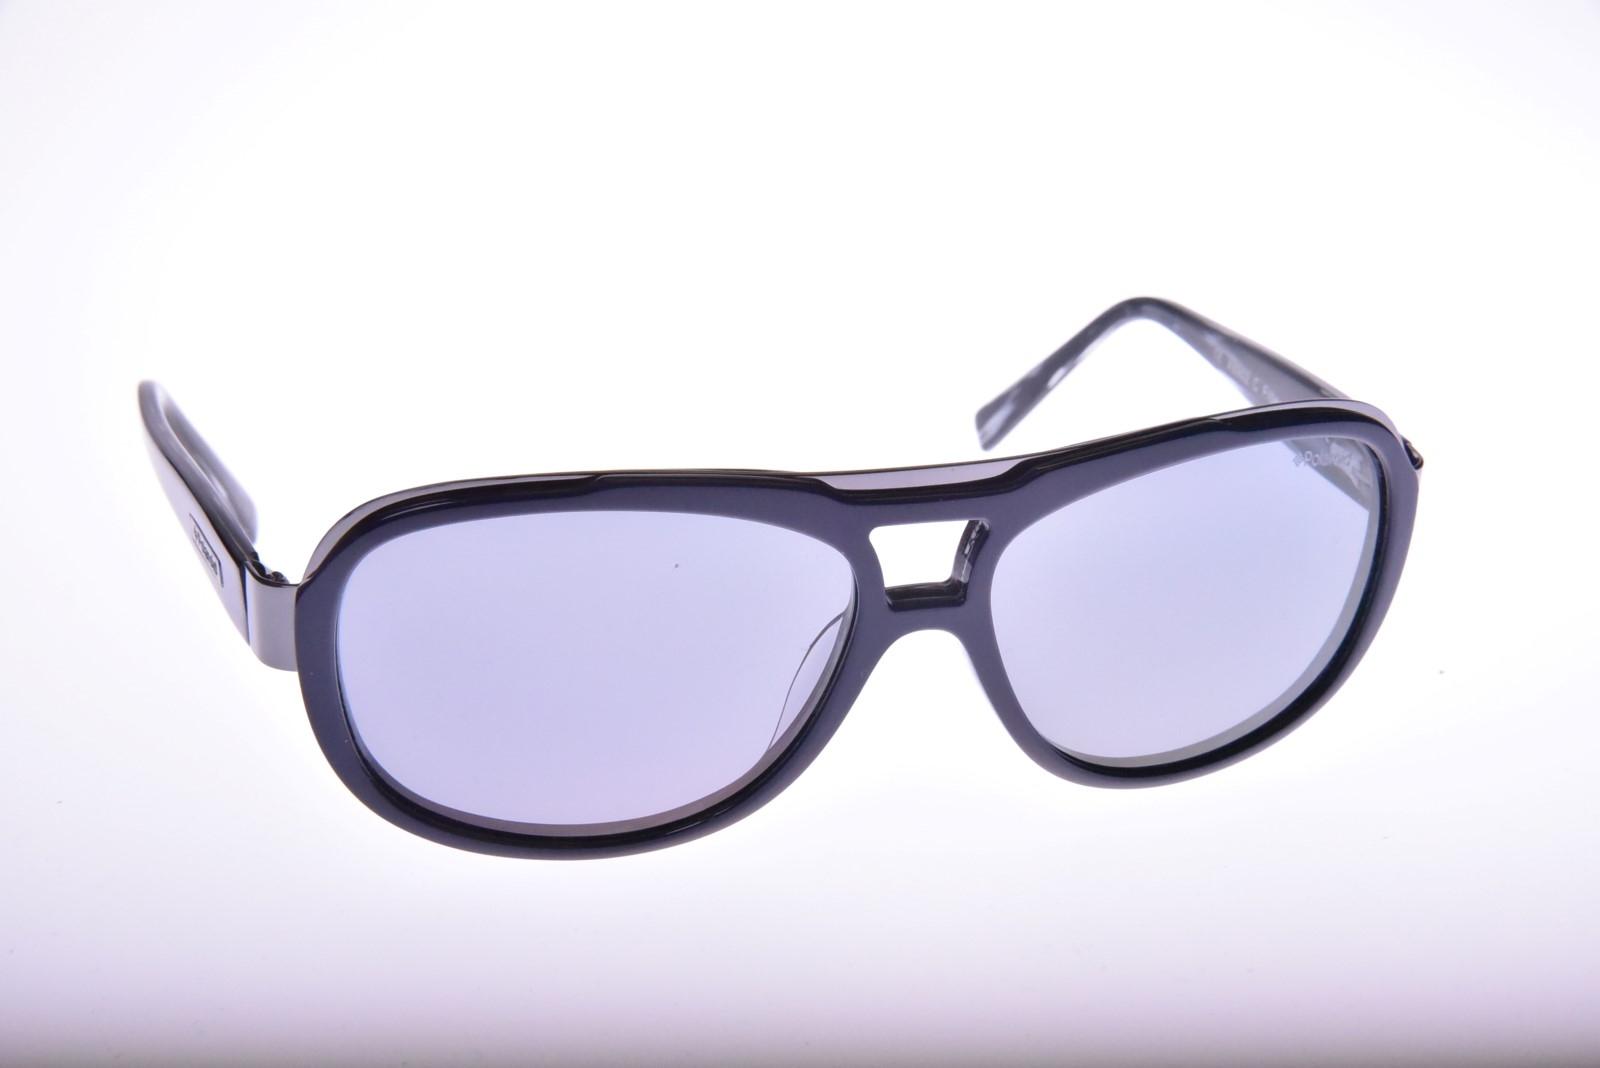 Polaroid Premium X8902C - Pánske slnečné okuliare